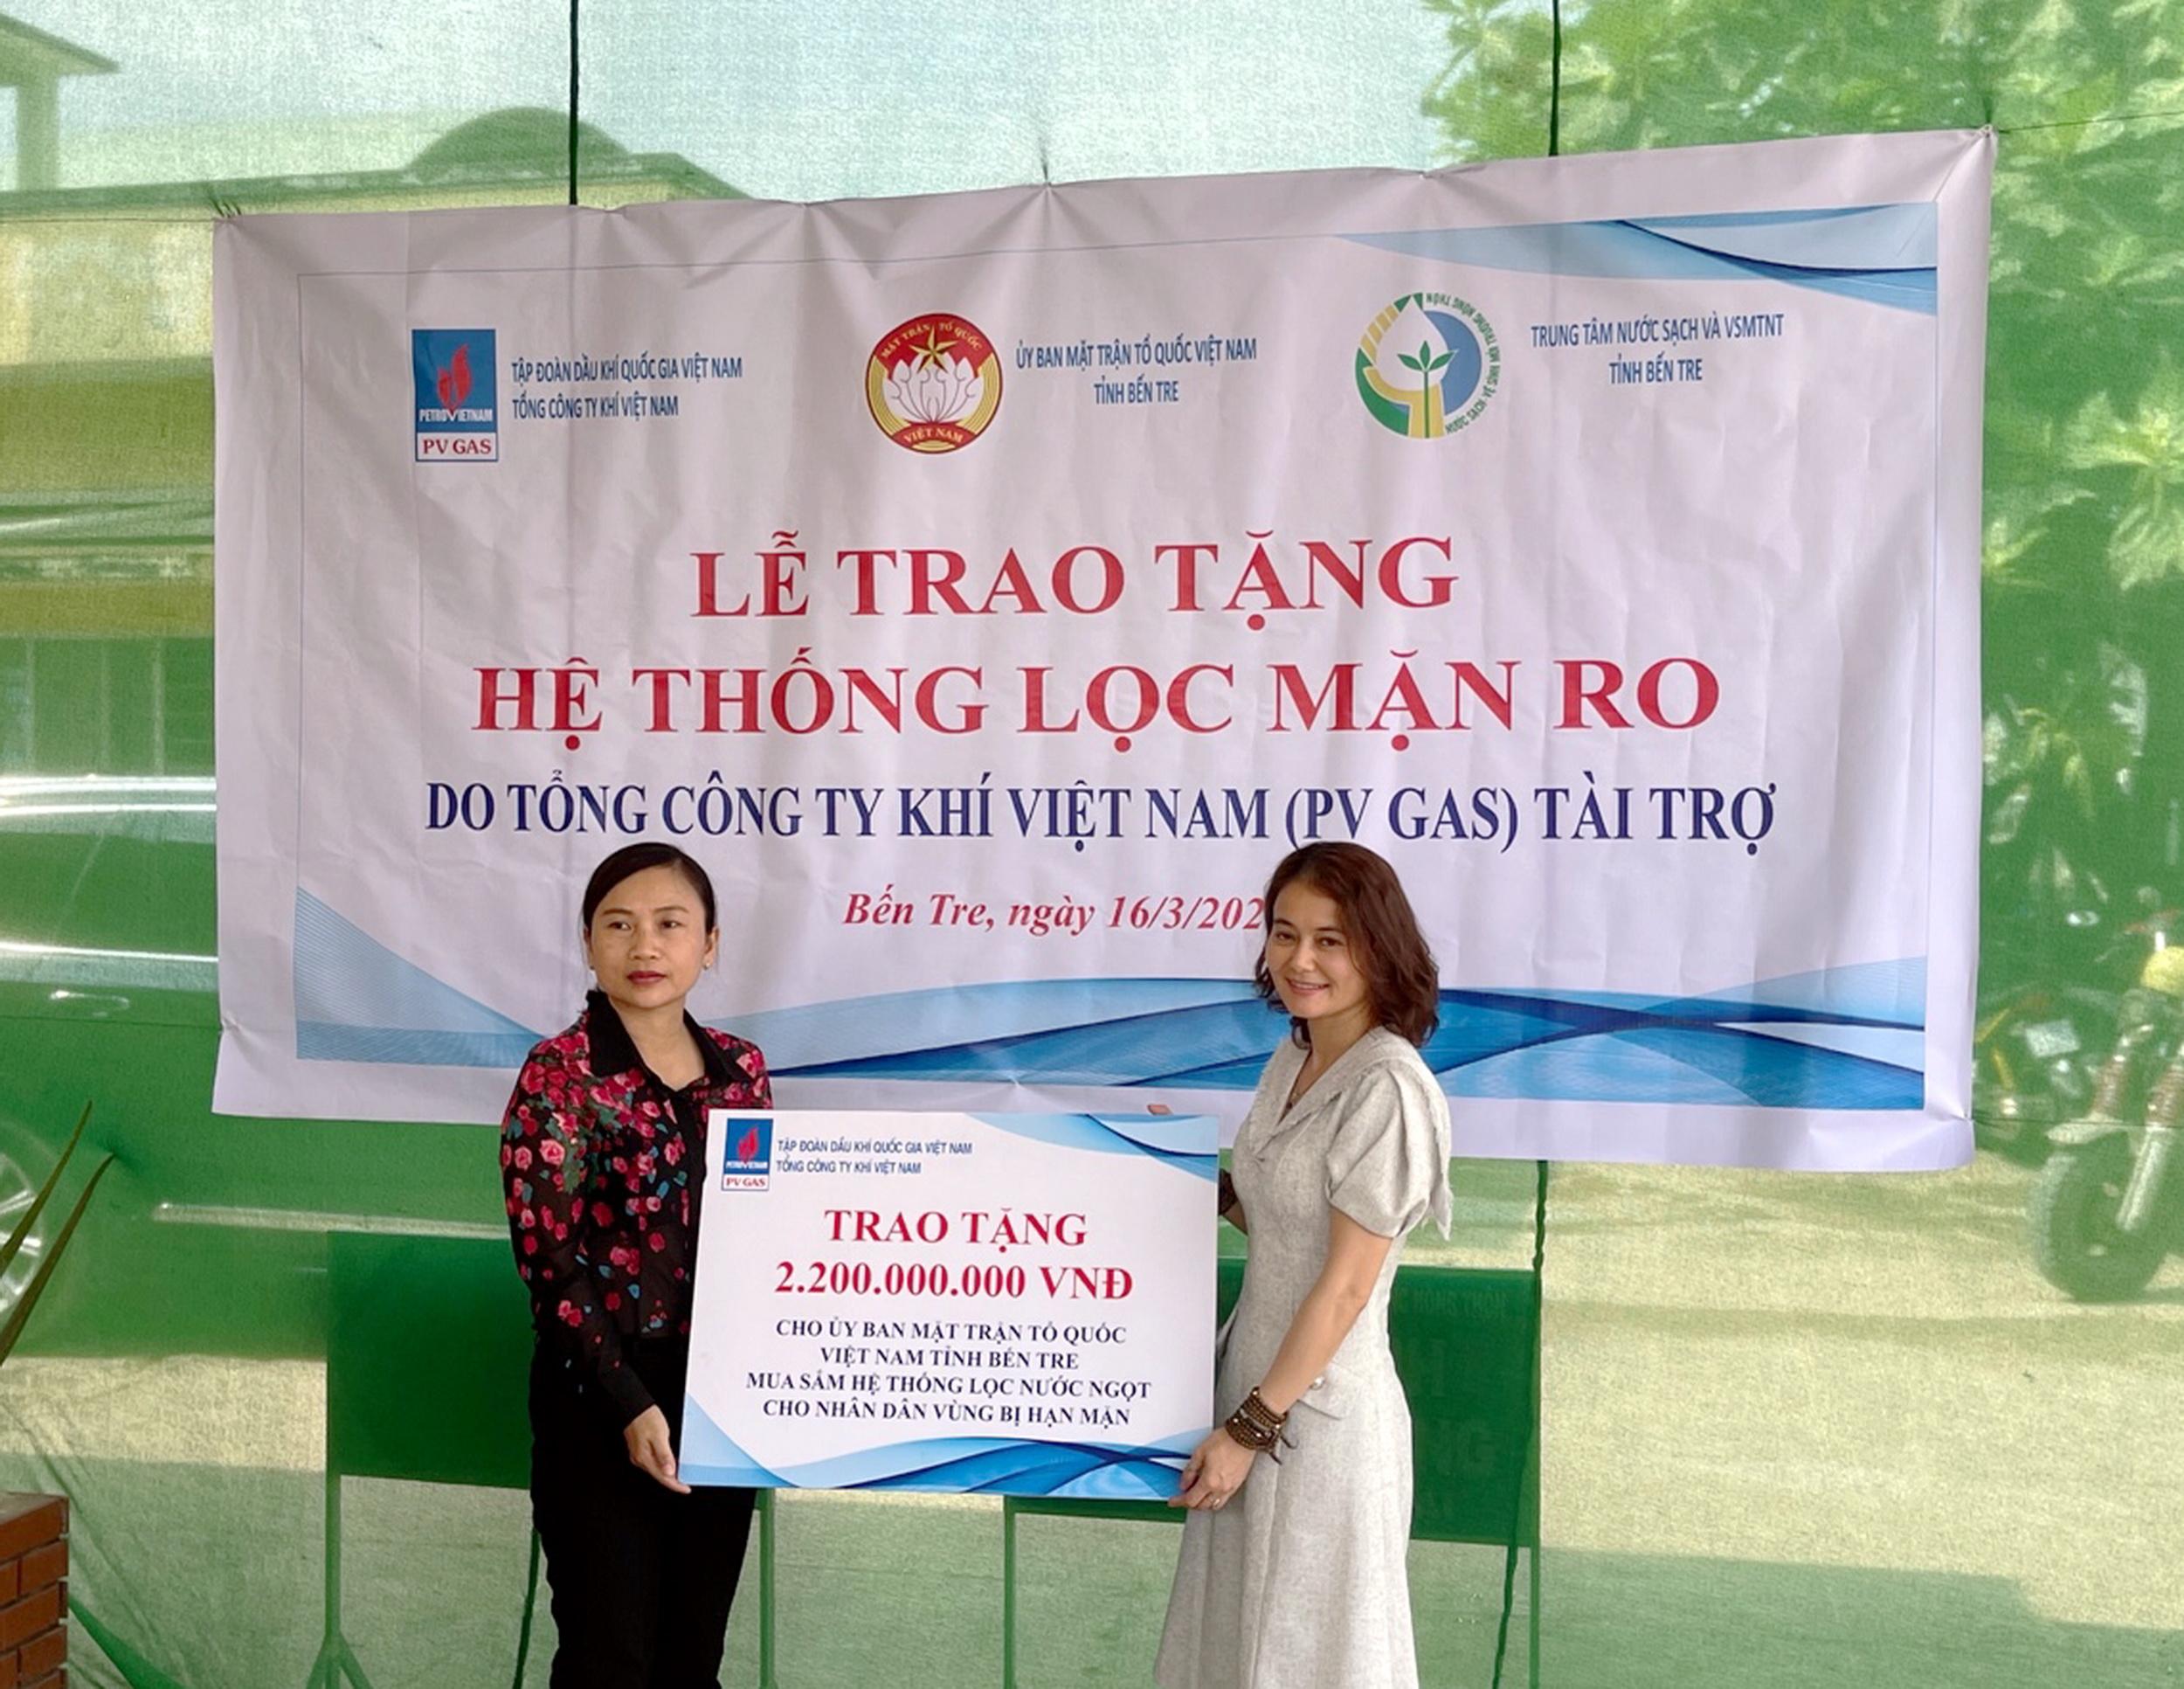 Nghi thức trao trặng 2 hệ thống lọc nước ngọt cho tỉnh Bến Tre